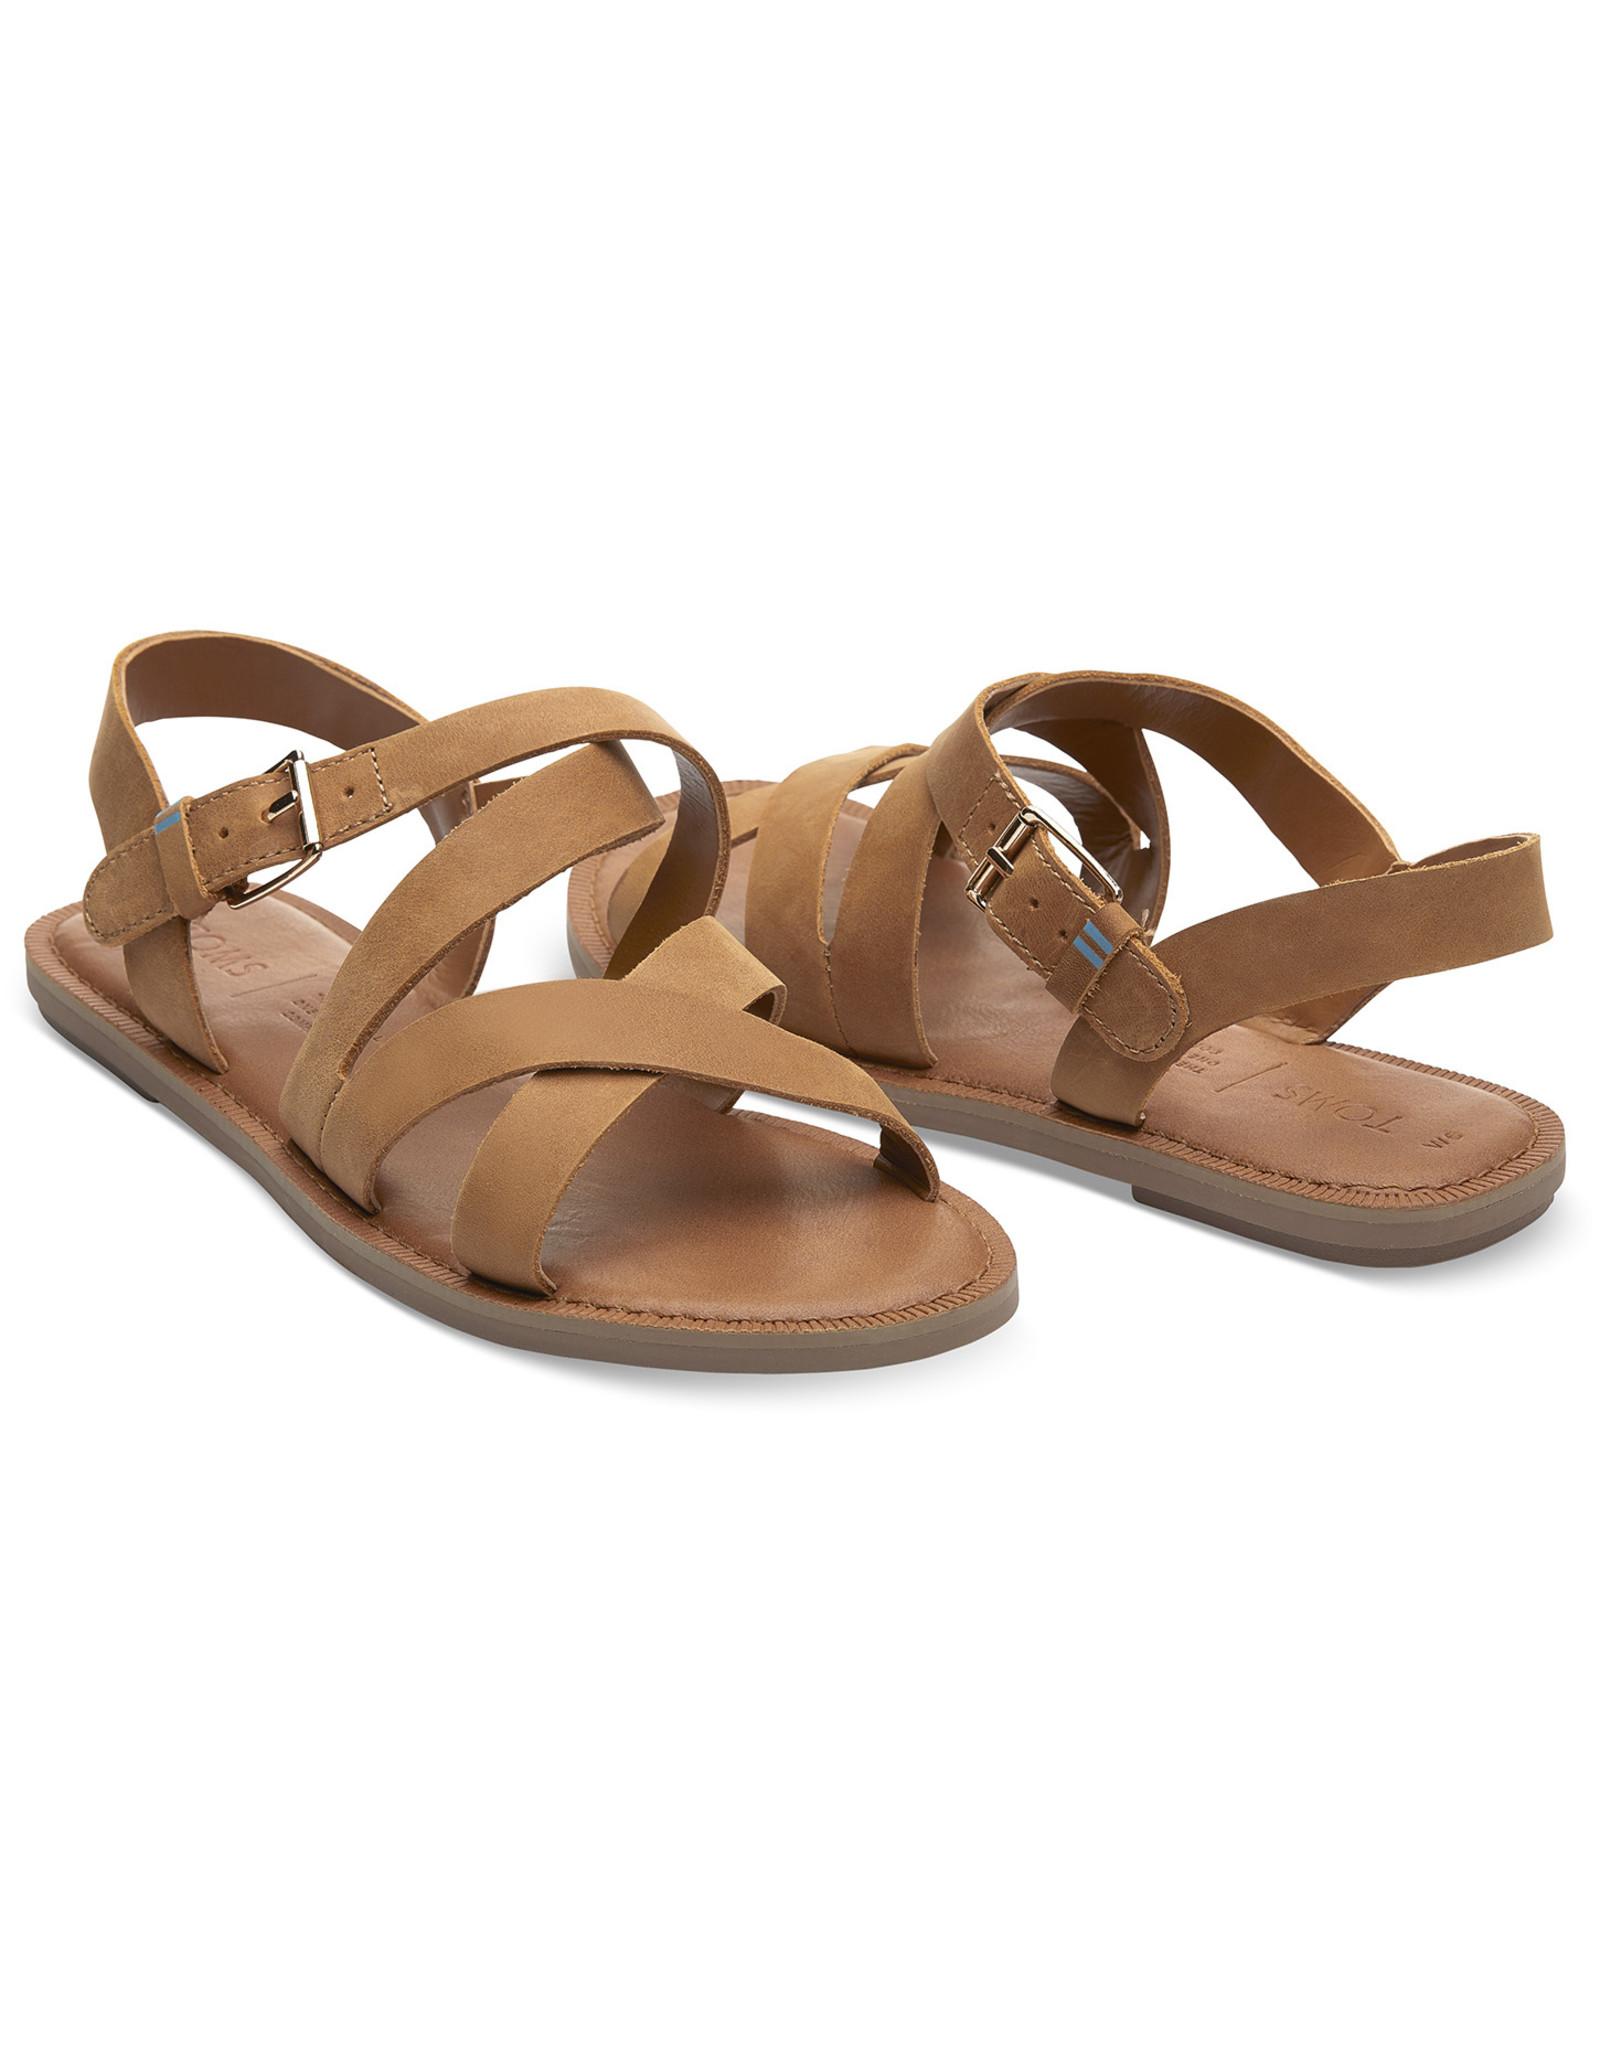 TOMS Women's Sicily Sandals - 20ps